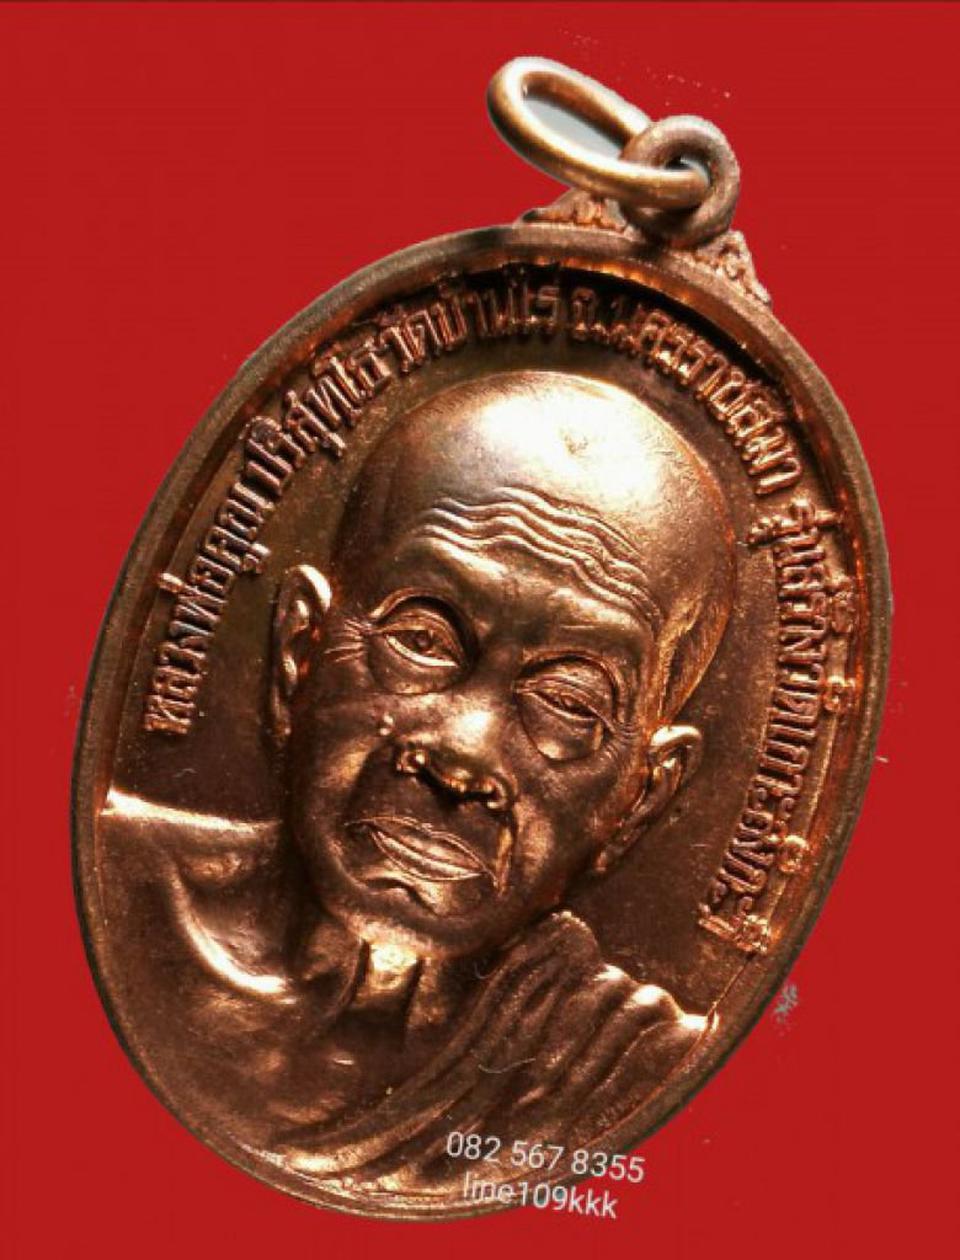 เหรียญหลวงพ่อคูณ รุ่นสร้างวัดเกาะลังกาวี 2006 มาเลเซีย เปิดแบ่งปัน รูปที่ 1